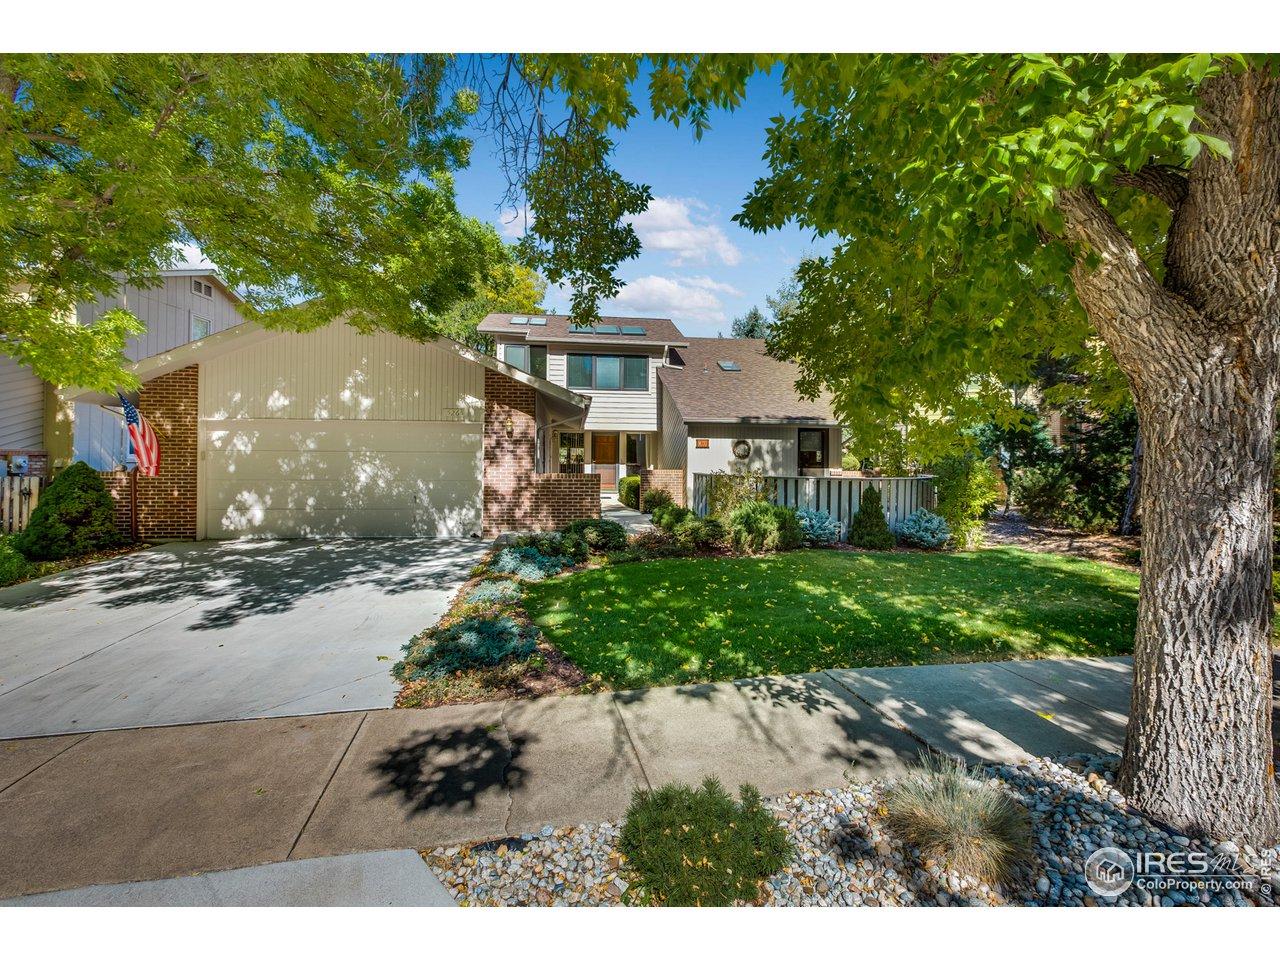 5265 Centennial Trl, Boulder CO 80303